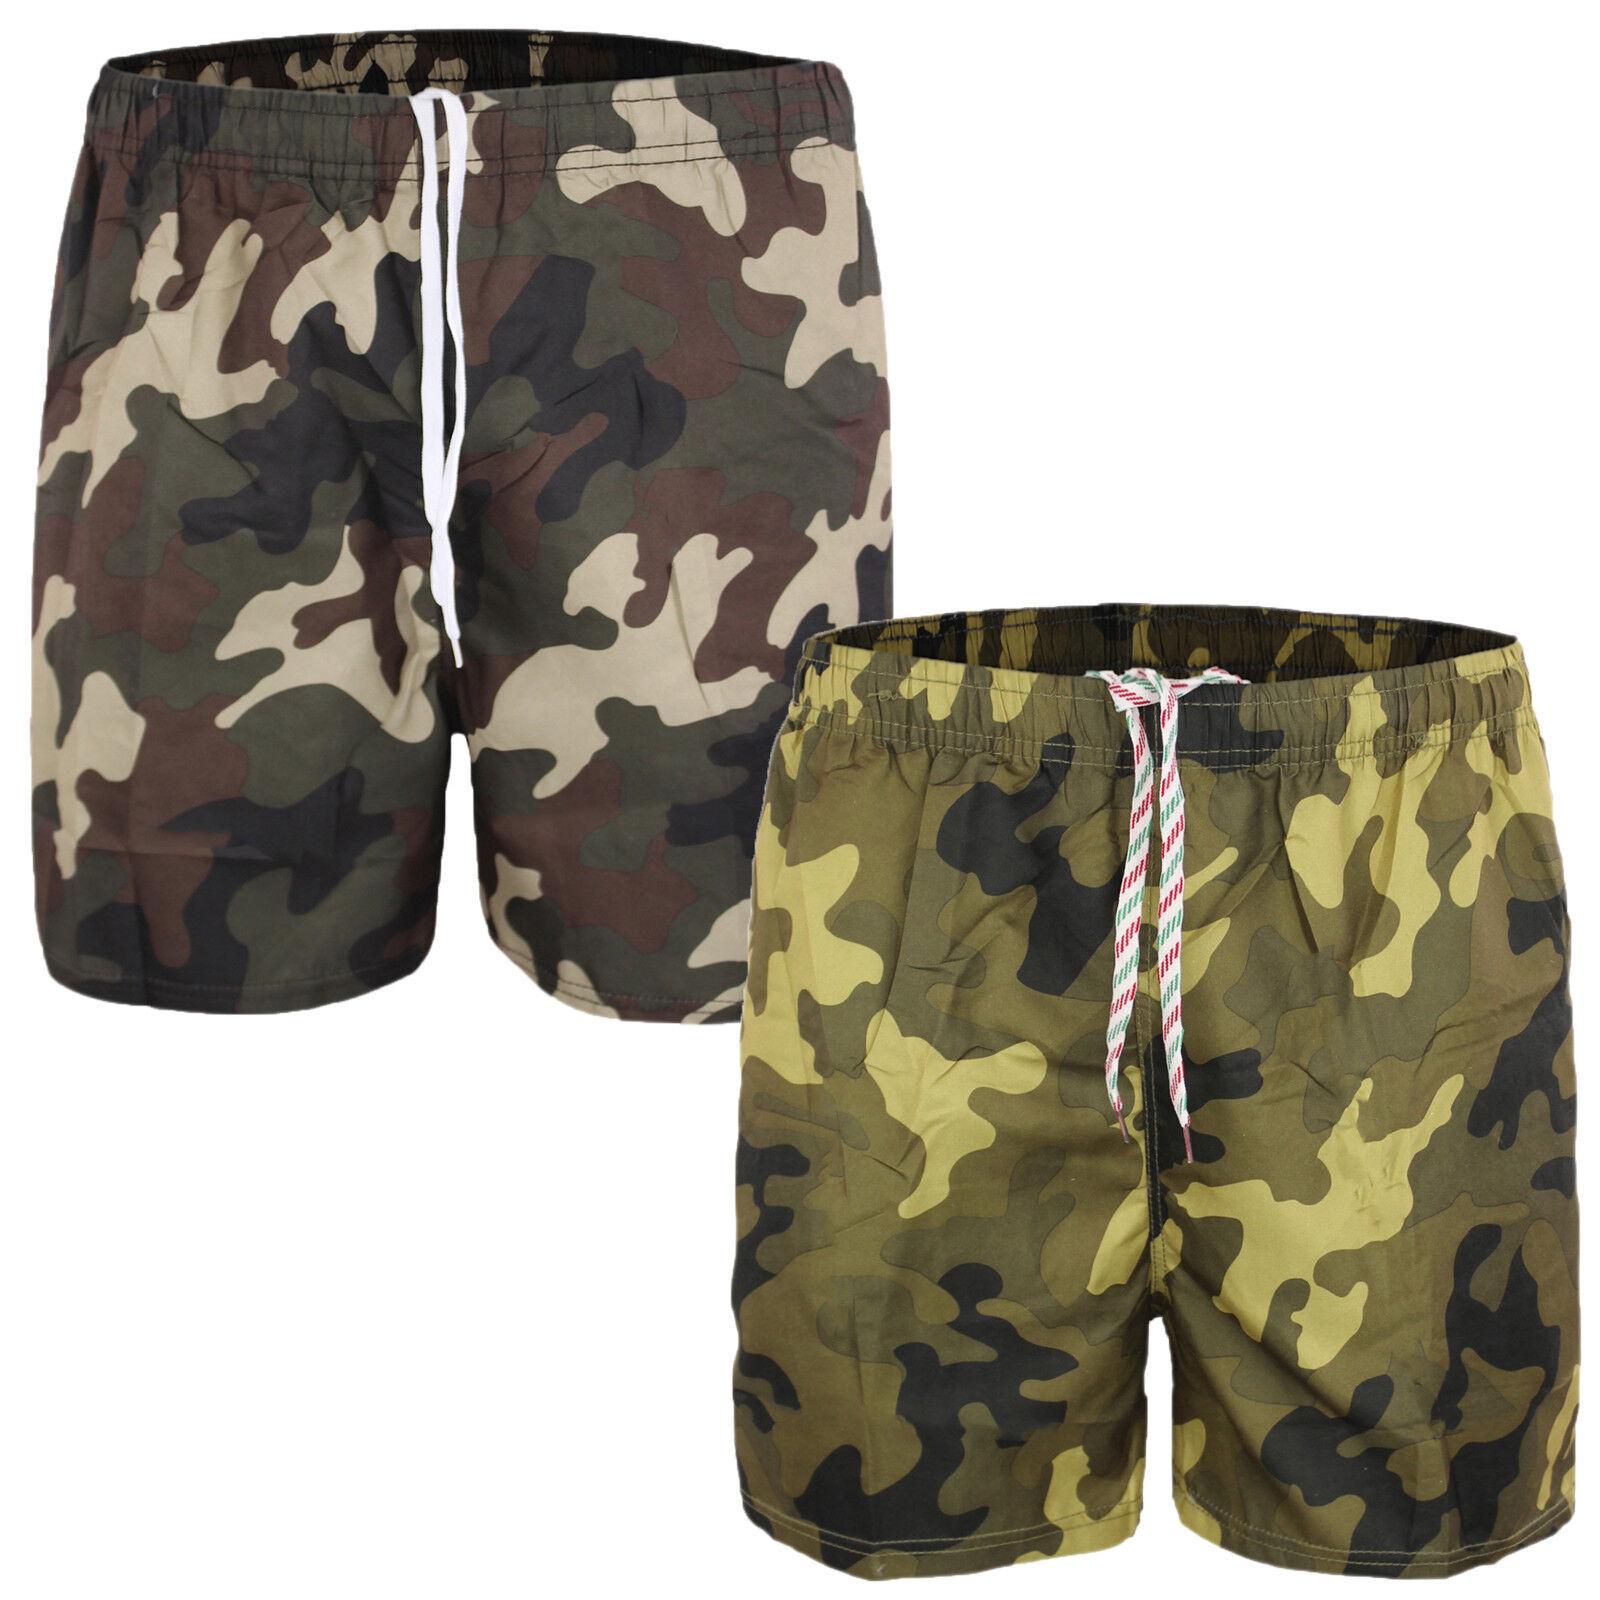 bas prix nouveau style et luxe en ligne ici Détails sur Maillot de Bain Homme Mer Camouflage Boxer Piscine Short  Bermuda Shorts